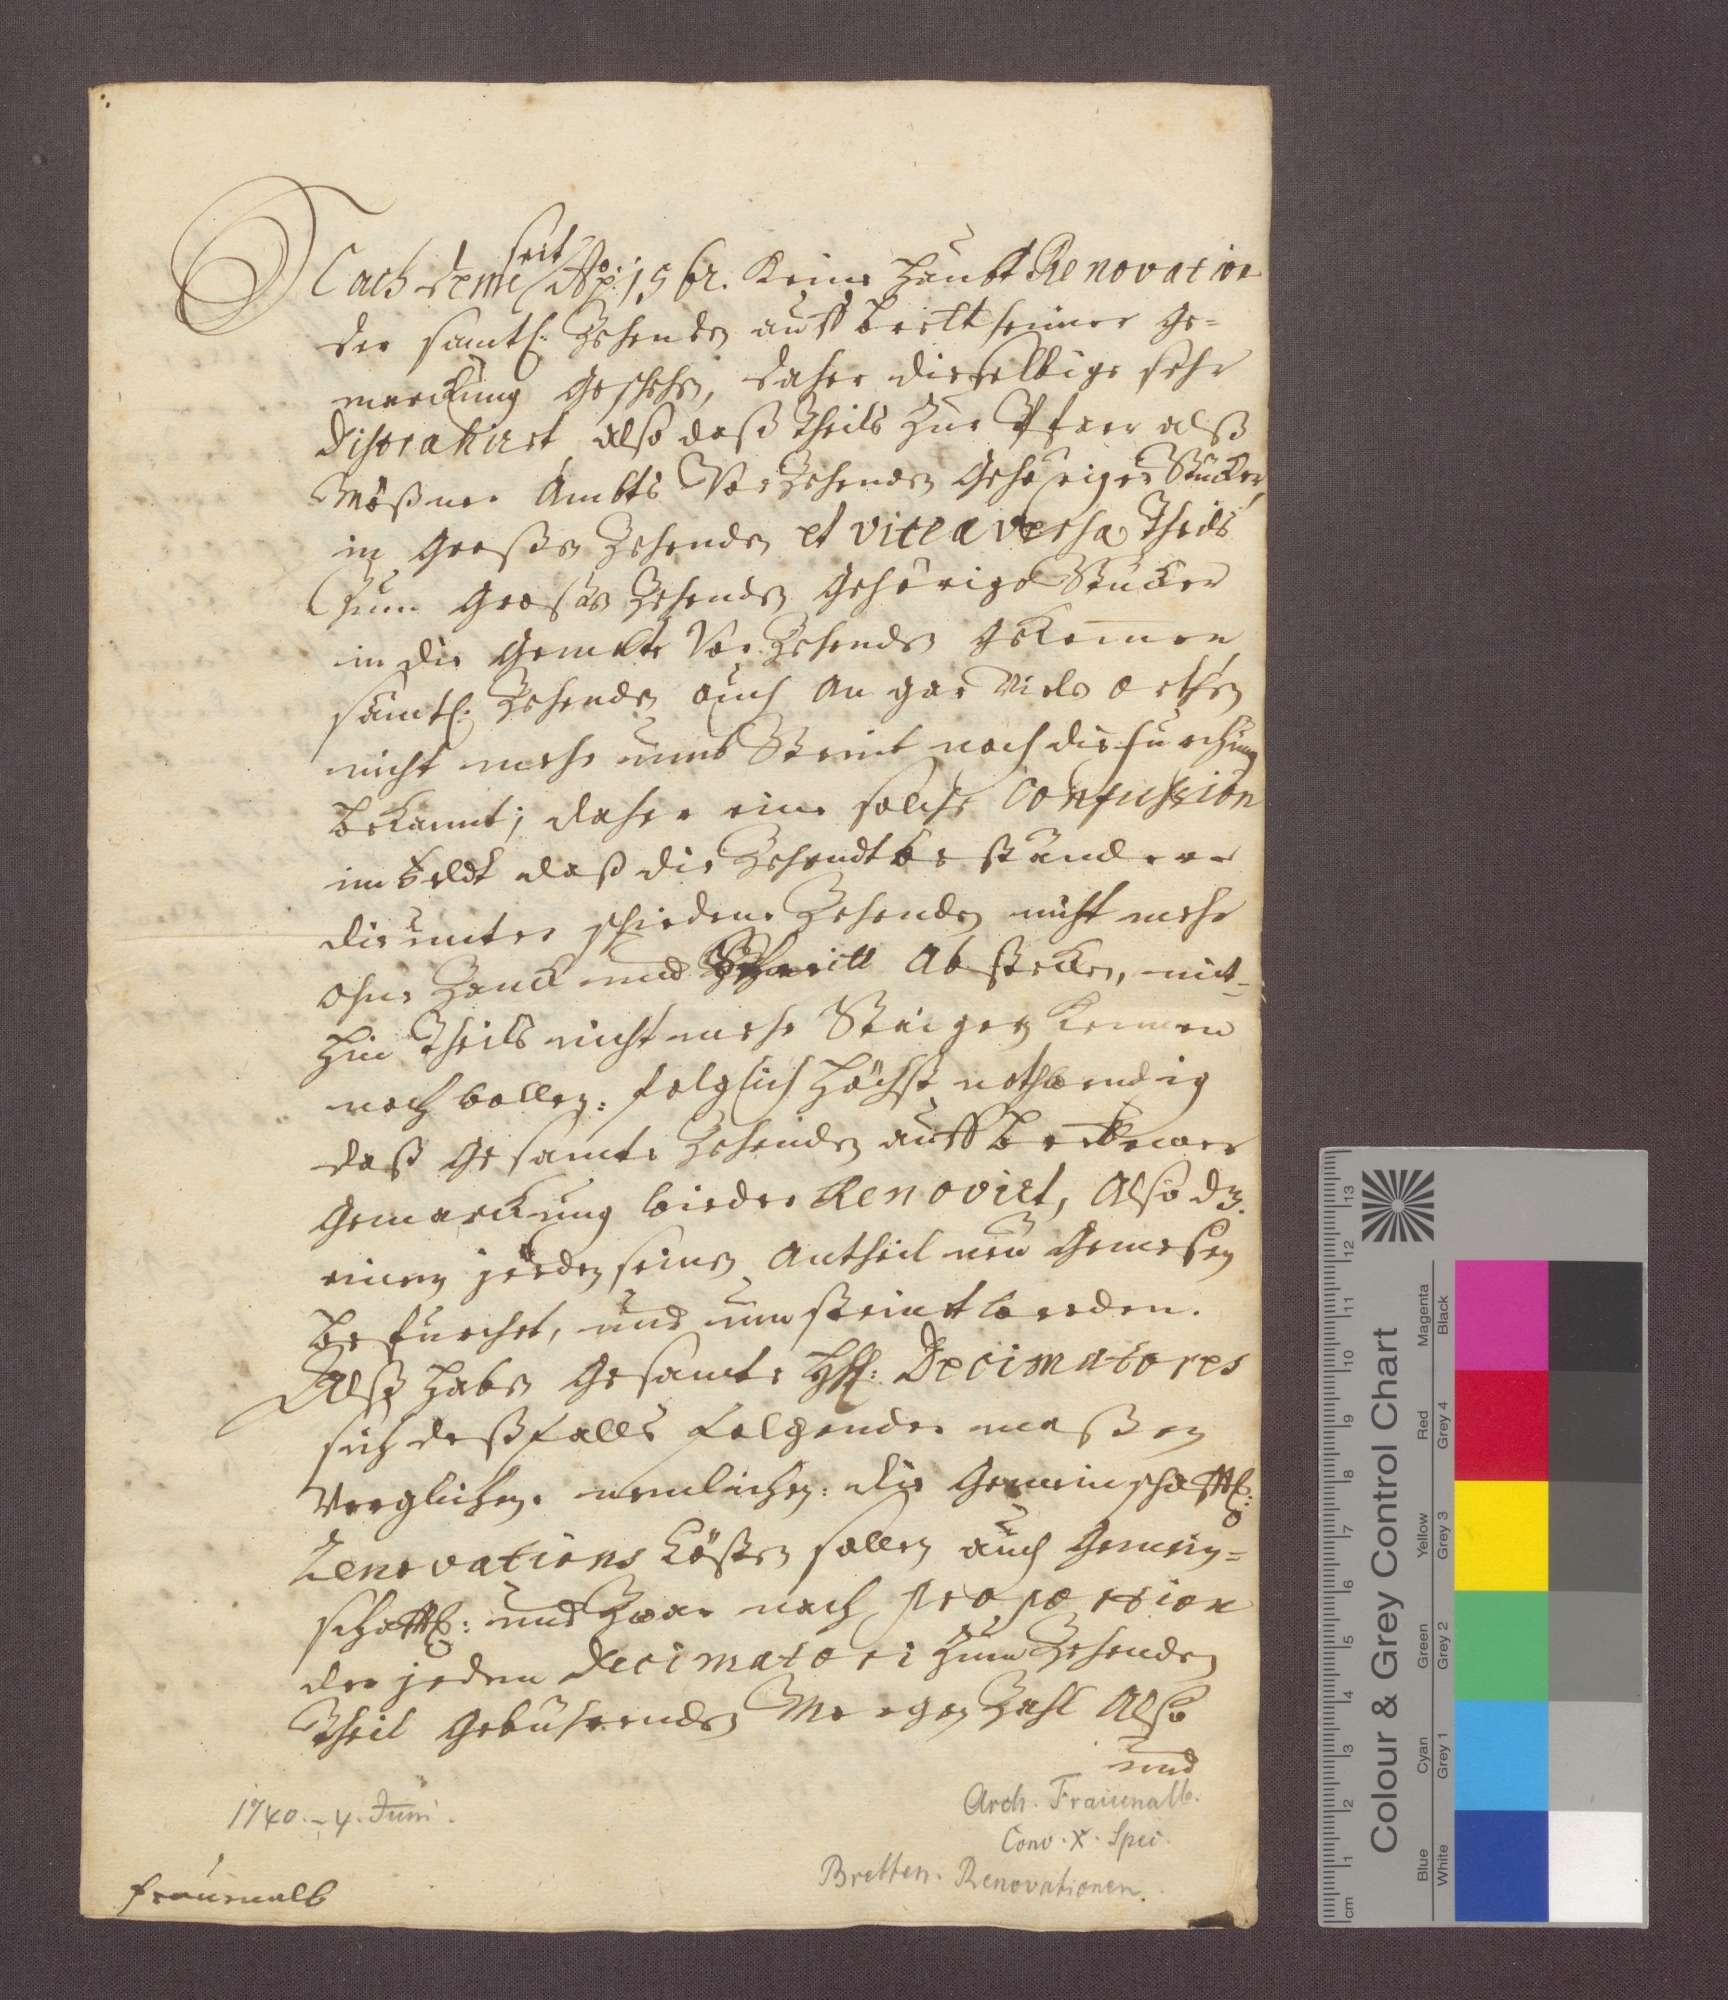 Die Dezimatoren zu Bretten vergleichen sich, da seit 1562 keine Hauptrenovation des gesamten Zehnten von Brettener Gemarkung vorgenommen wurde, wegen der entsprechenden Anteile zu repartierenden Kosten einer Renovation., Bild 1